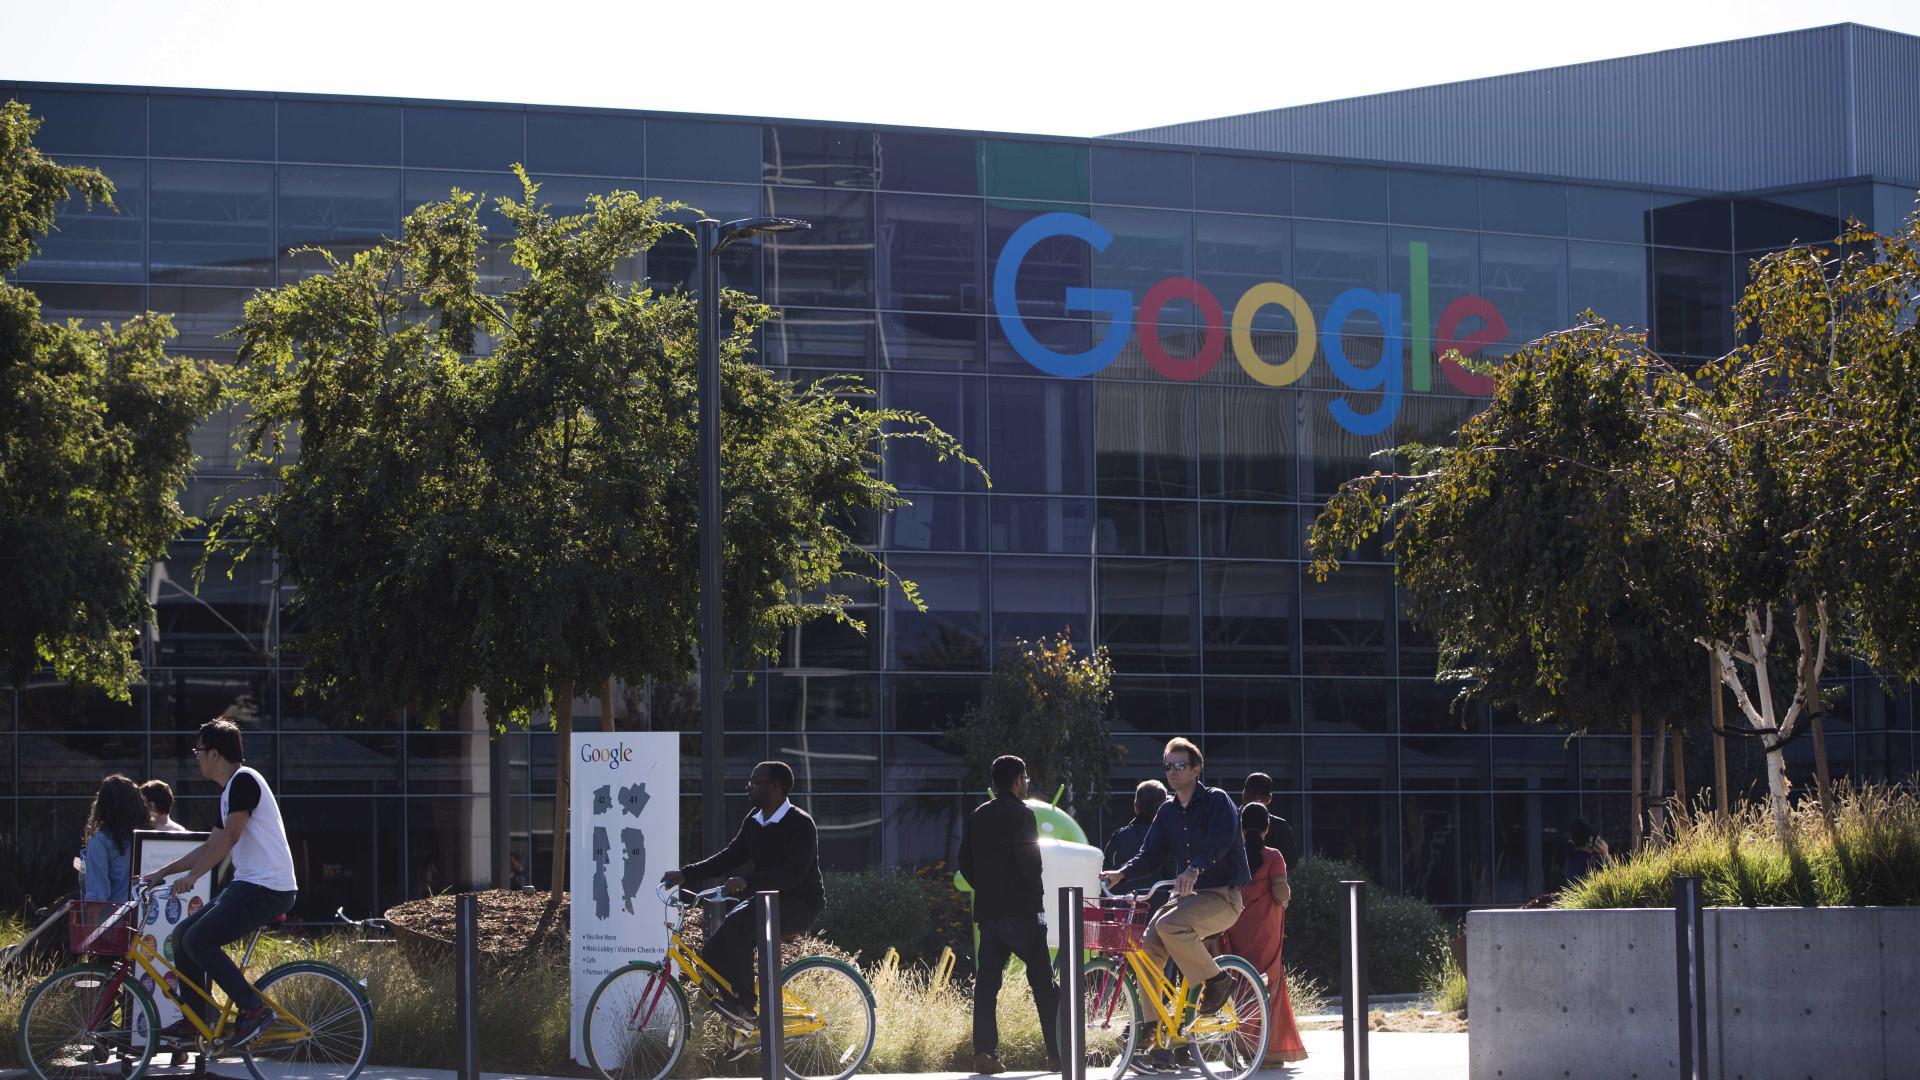 Regresso da Google à China será feito graças a 'Cavalo de Tróia'